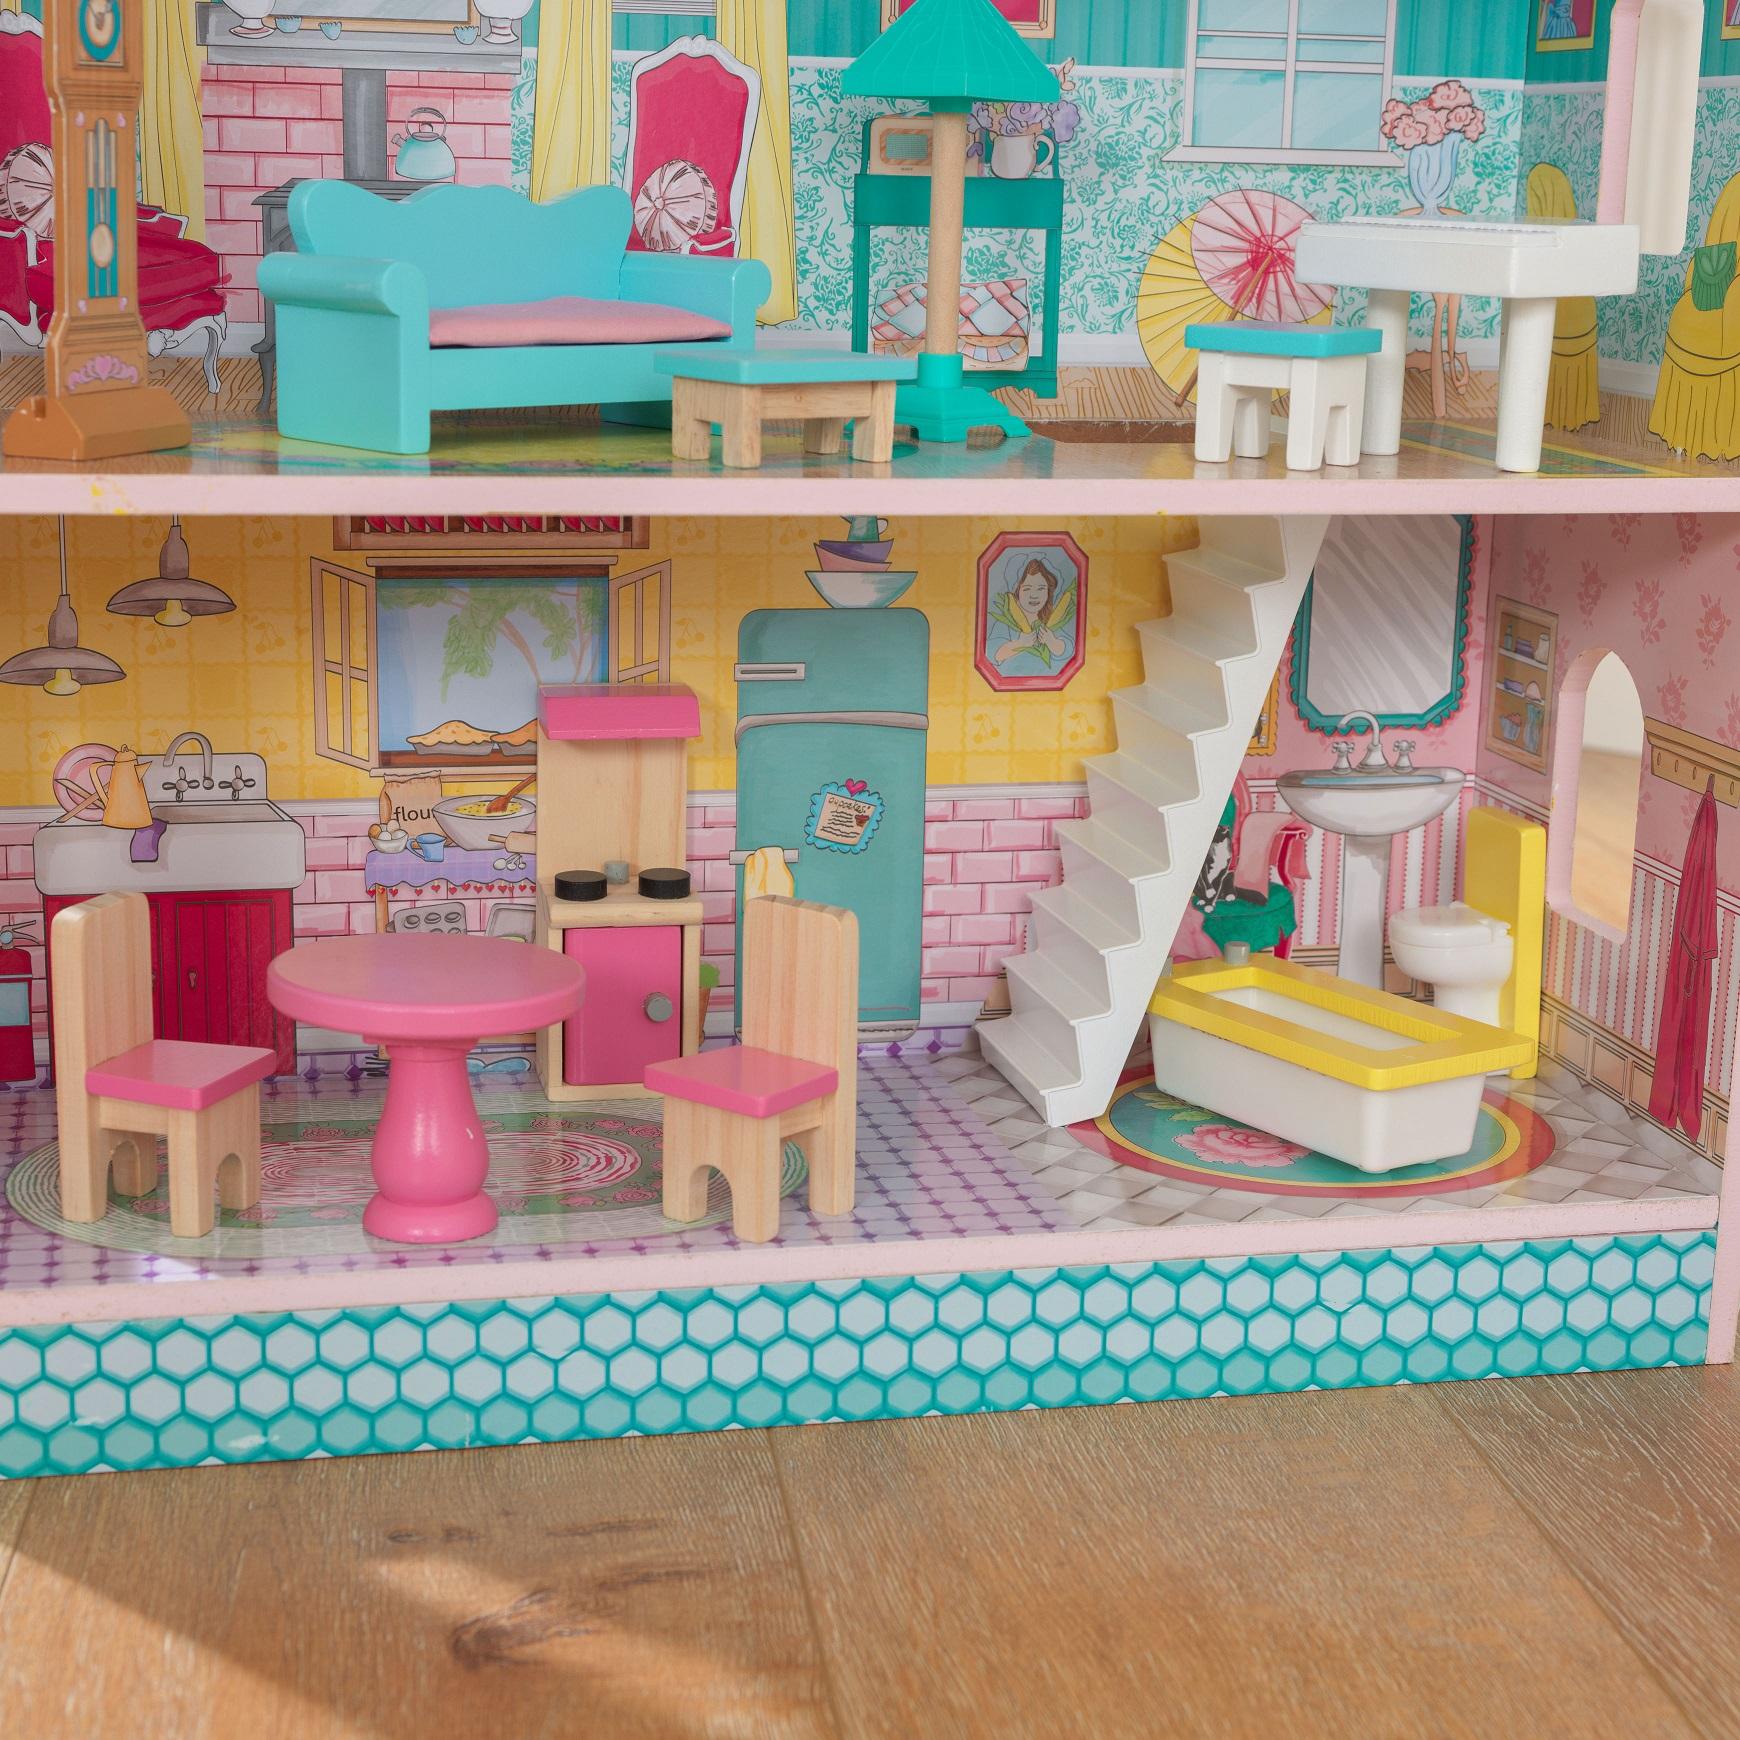 Detalle de varias estancias de la casa de muñecas kidkraft abbey manor 65941 width=